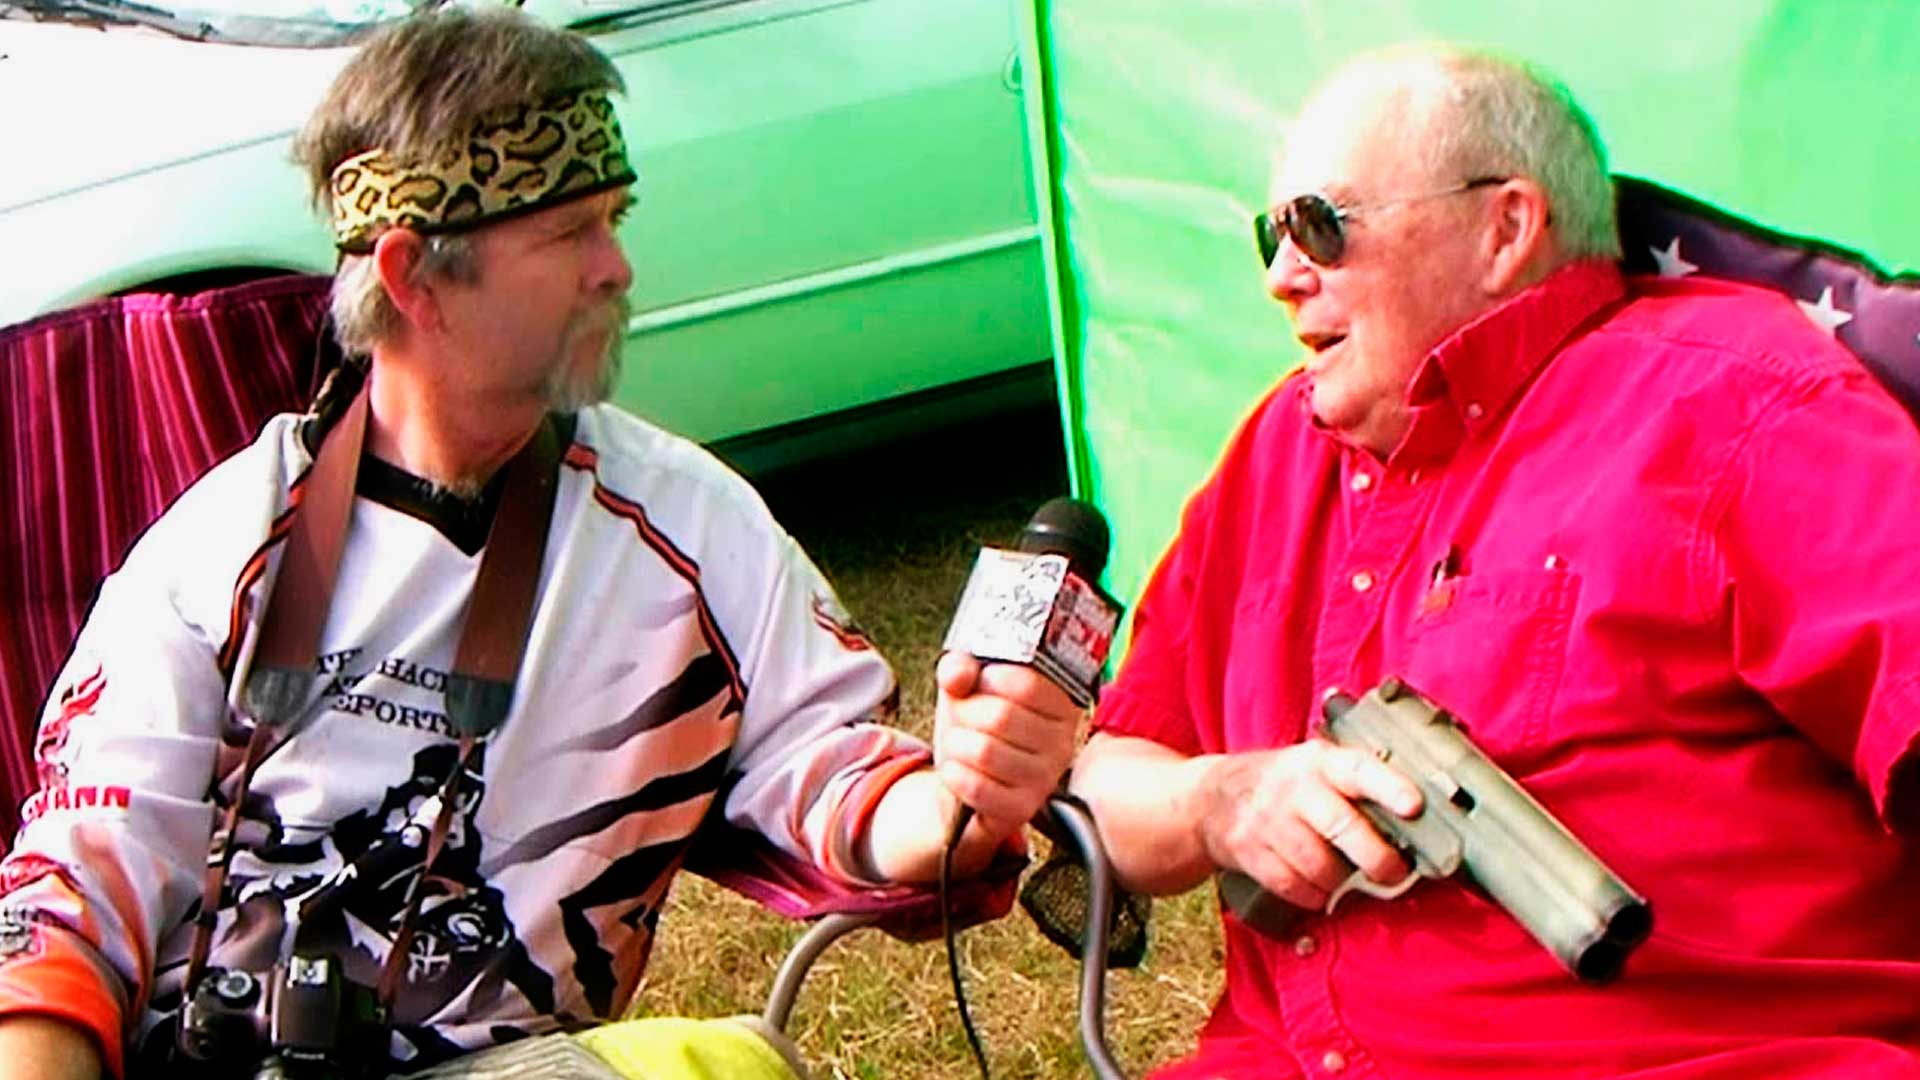 Imagem do Bob Gurnsey, criador do paintball, dando entrevista. Em sua mão ele segura uma pistola.